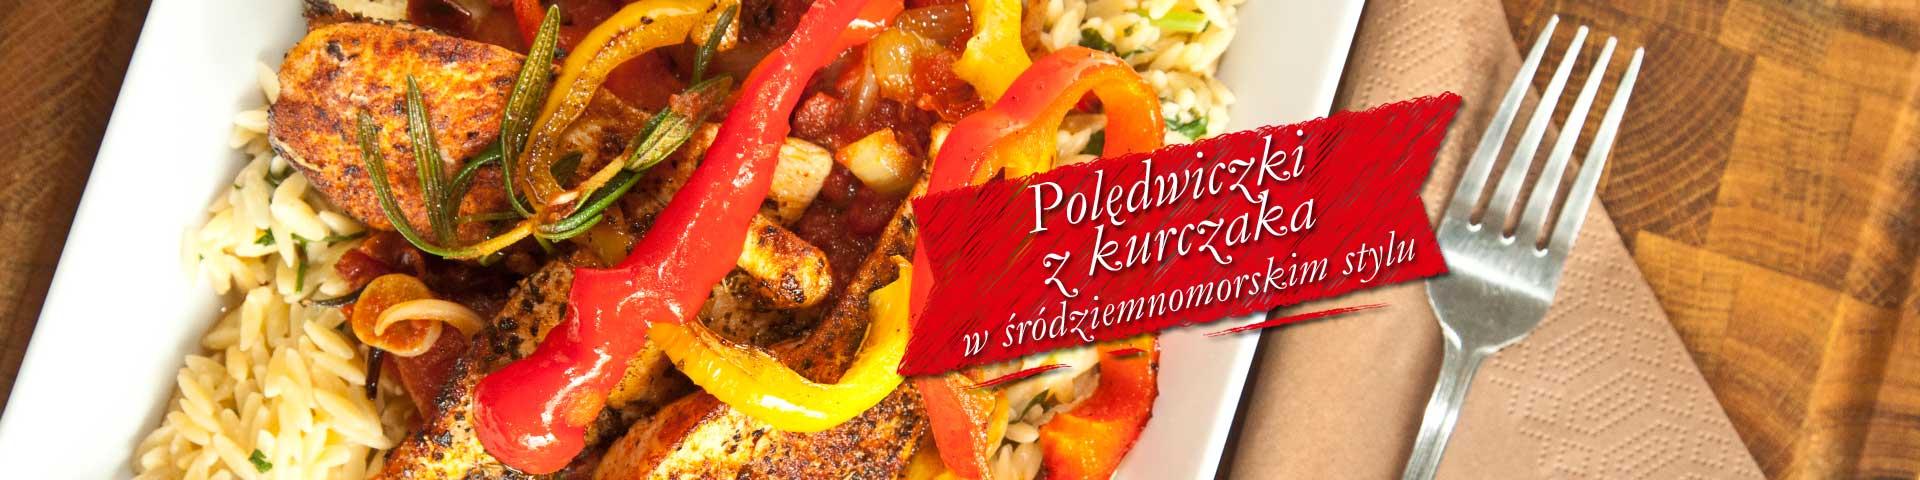 Polędwiczki z kurczaka w śródziemnomorskim stylu